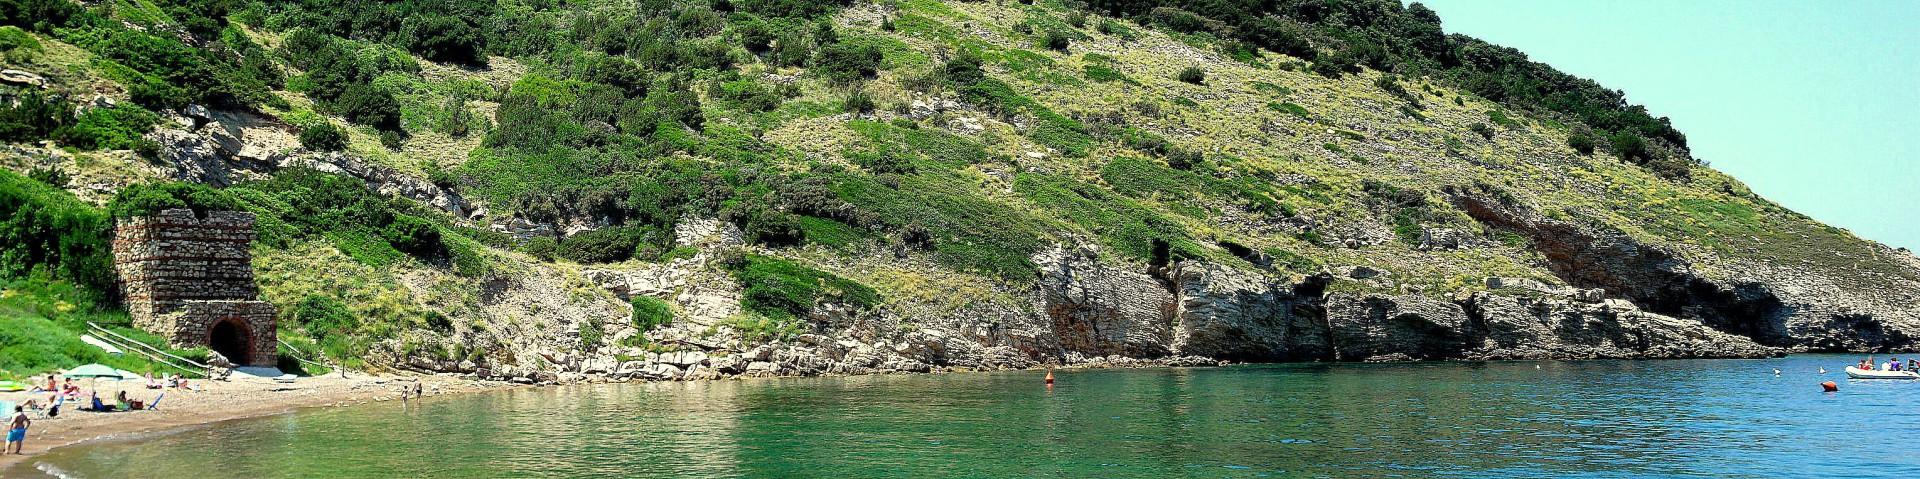 Elba, Nisporto, vlevo je vidět vstup do jedné z místních starých šachet